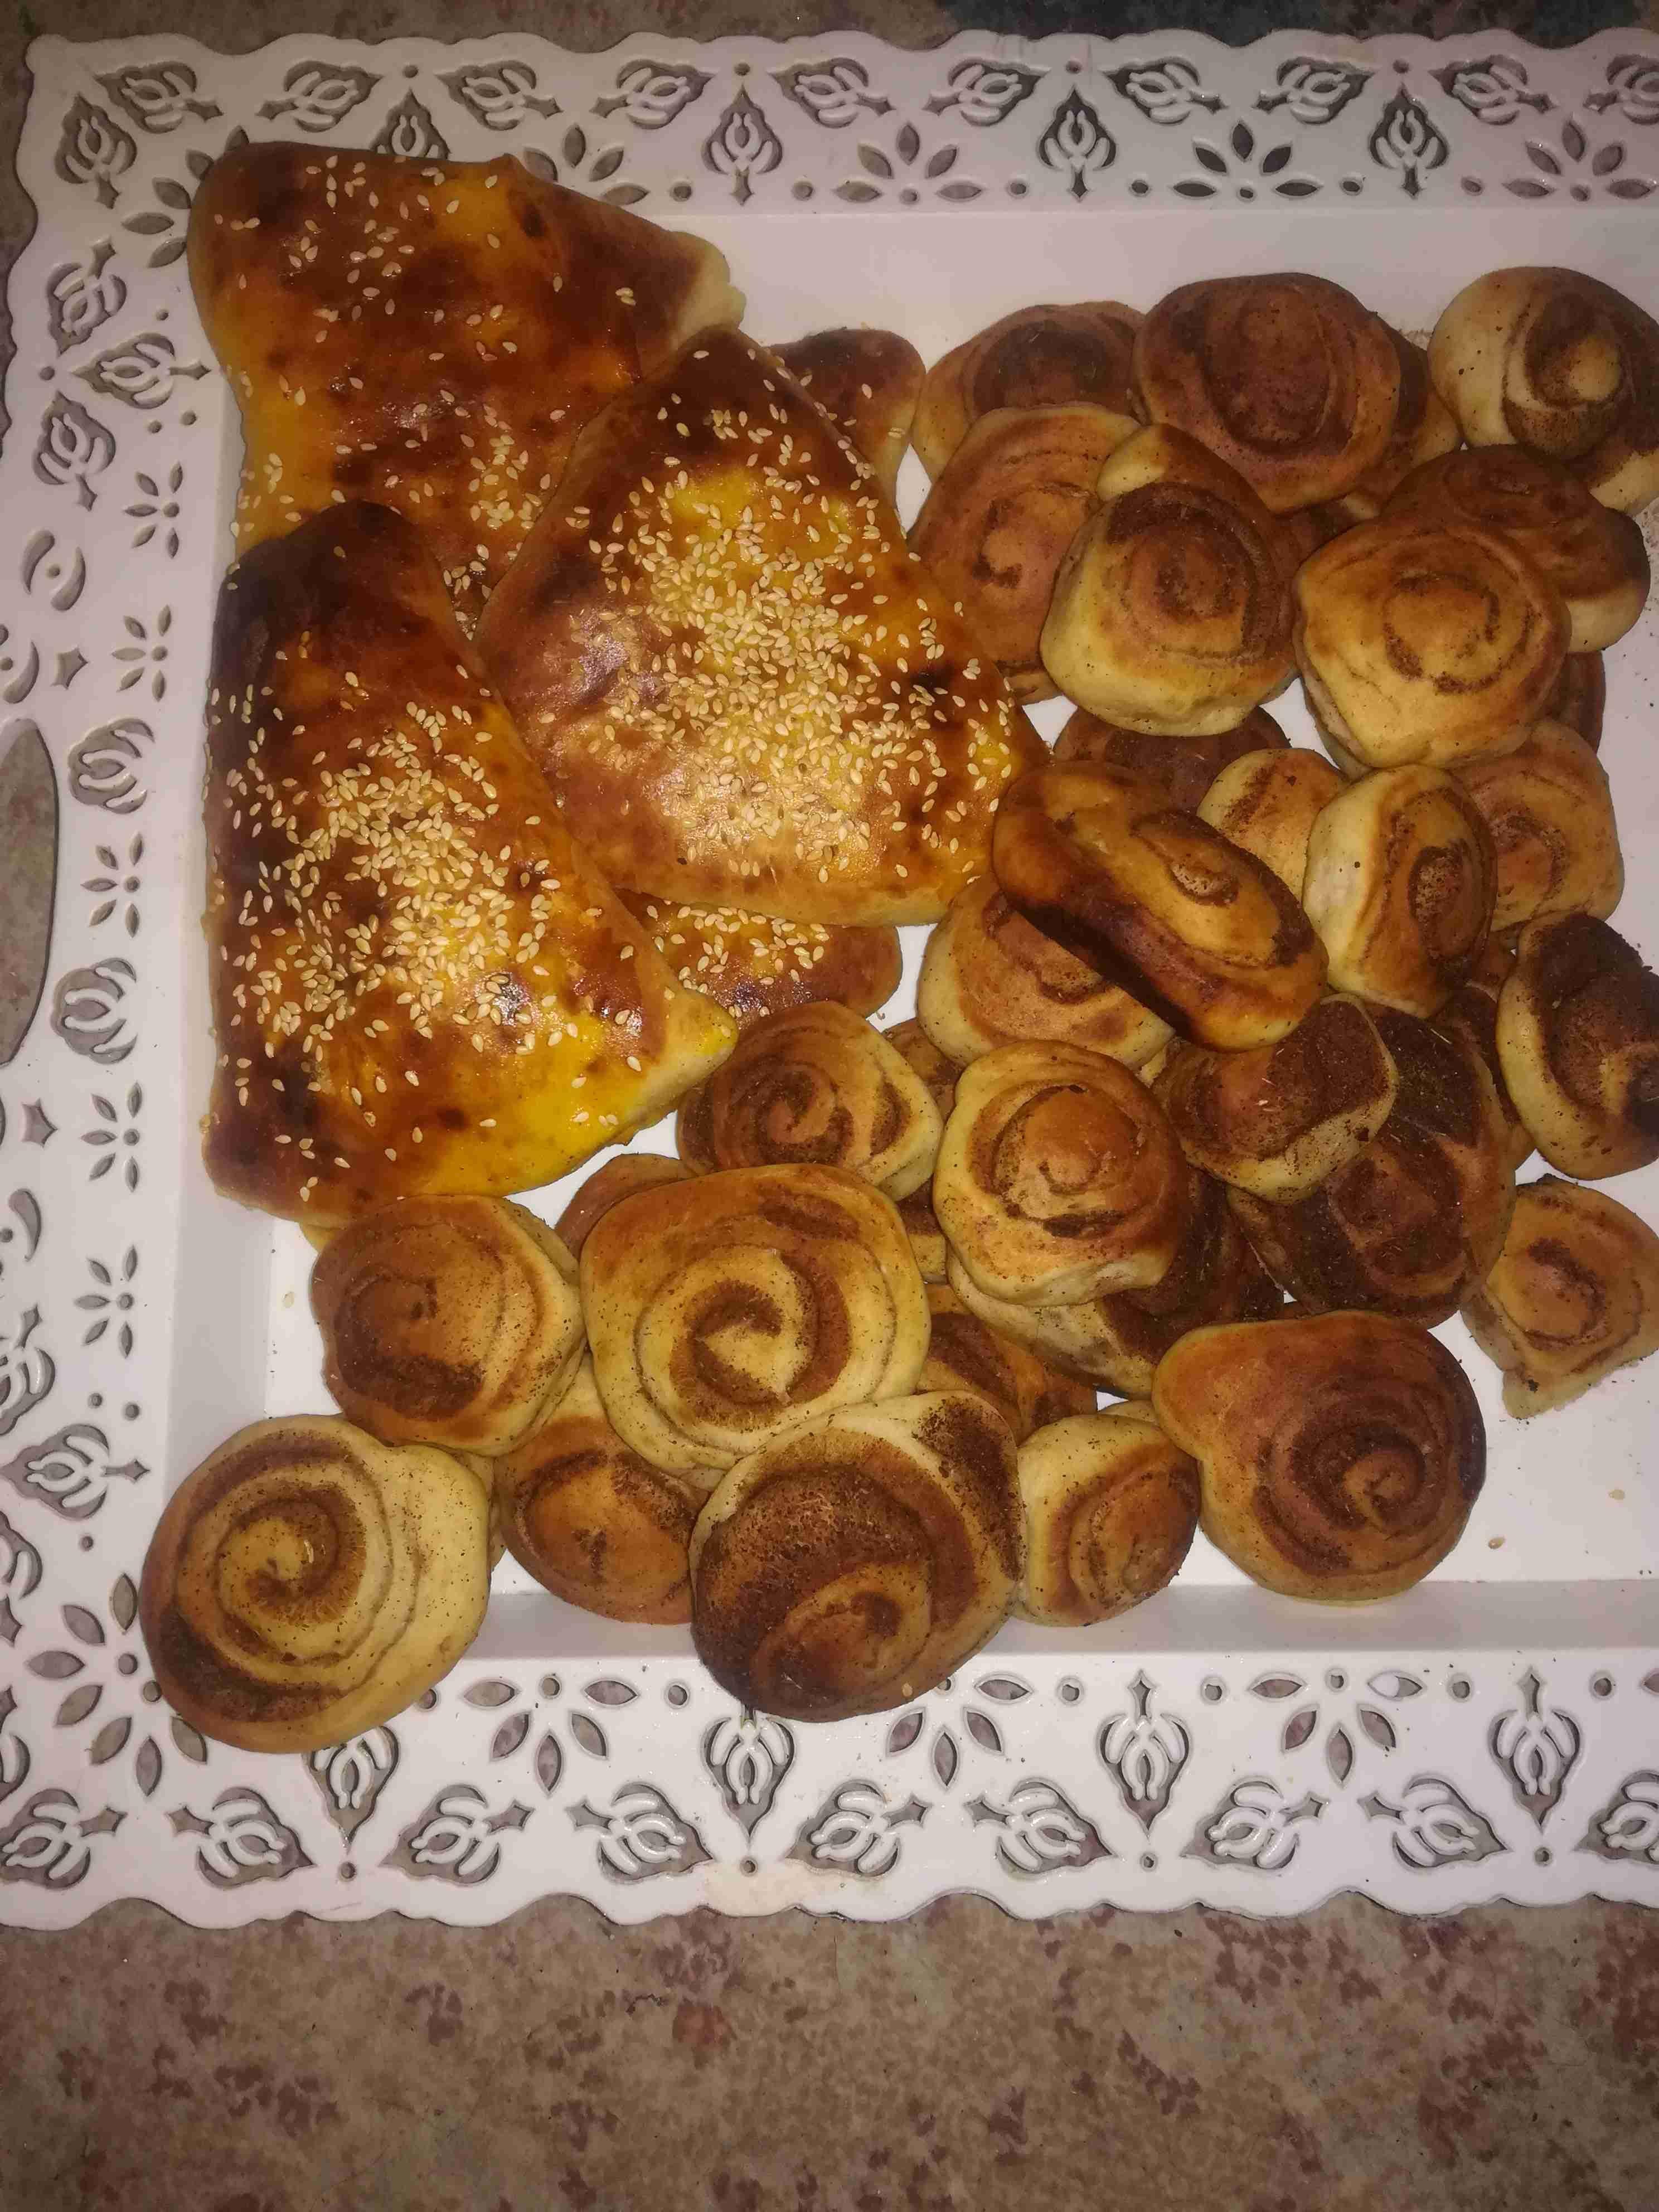 معجنات البطاطا ولفائف القرفه ملكة المعجنات زاكي Sweet Pastries Best Dishes Sweet